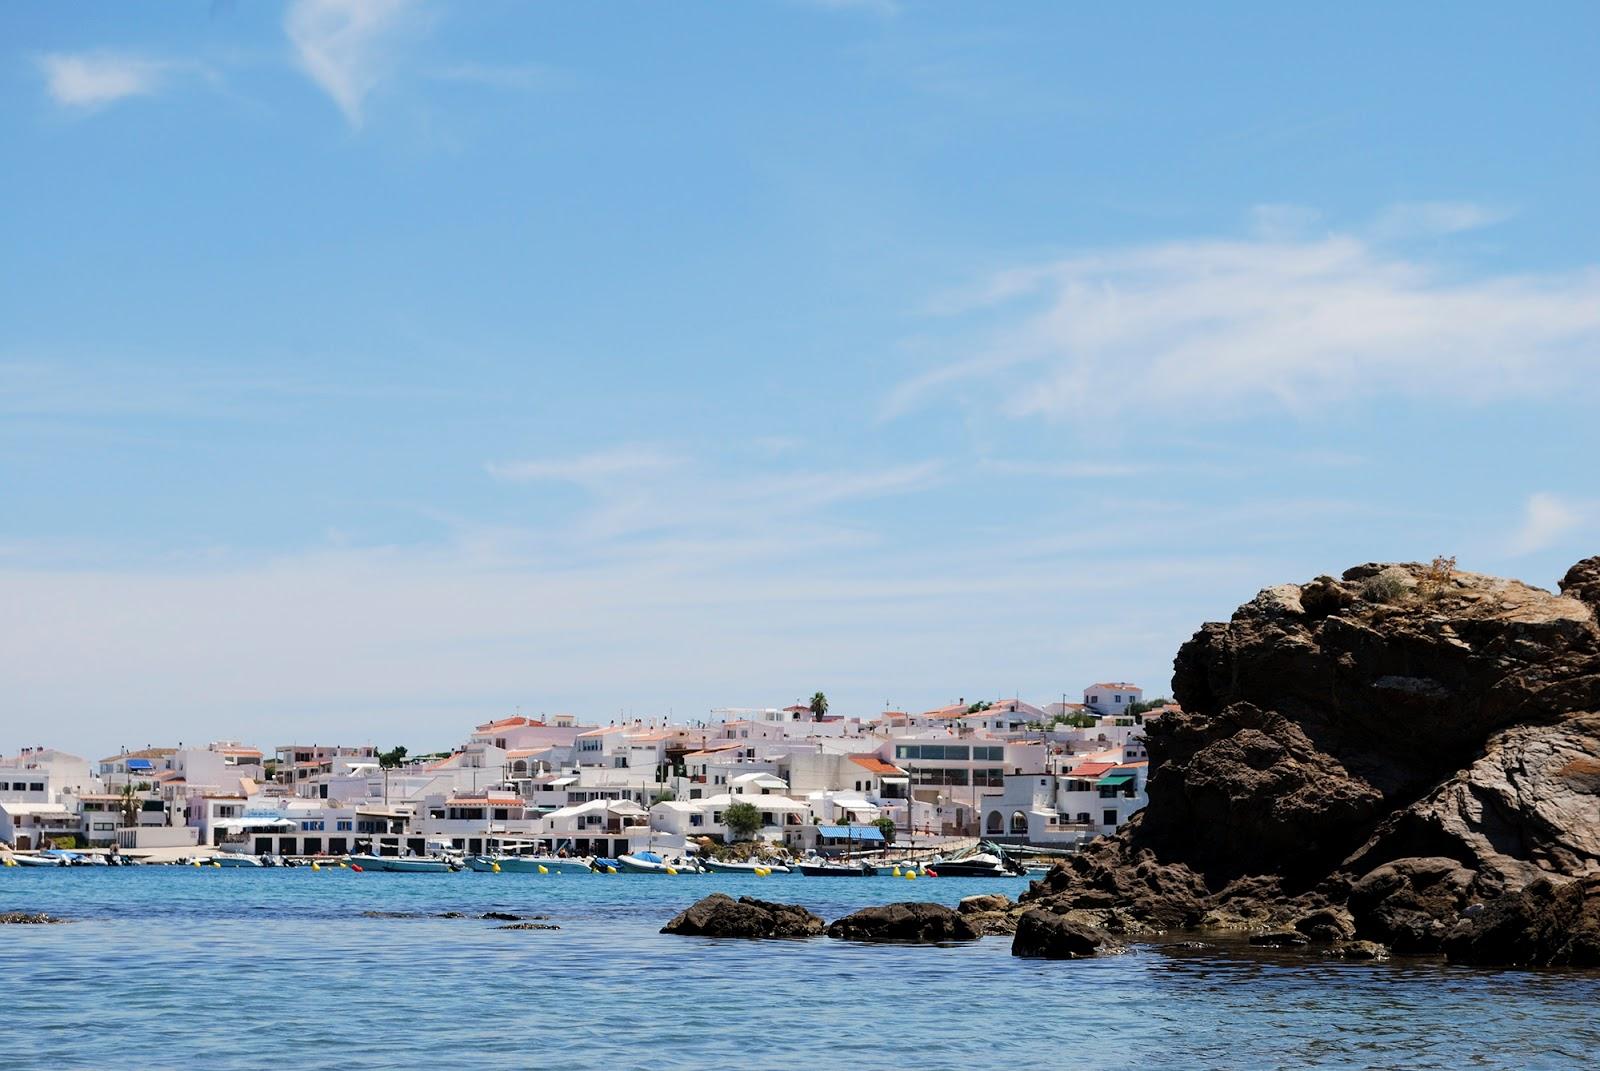 Es Grau Menorca Spain beach itinerary what to do